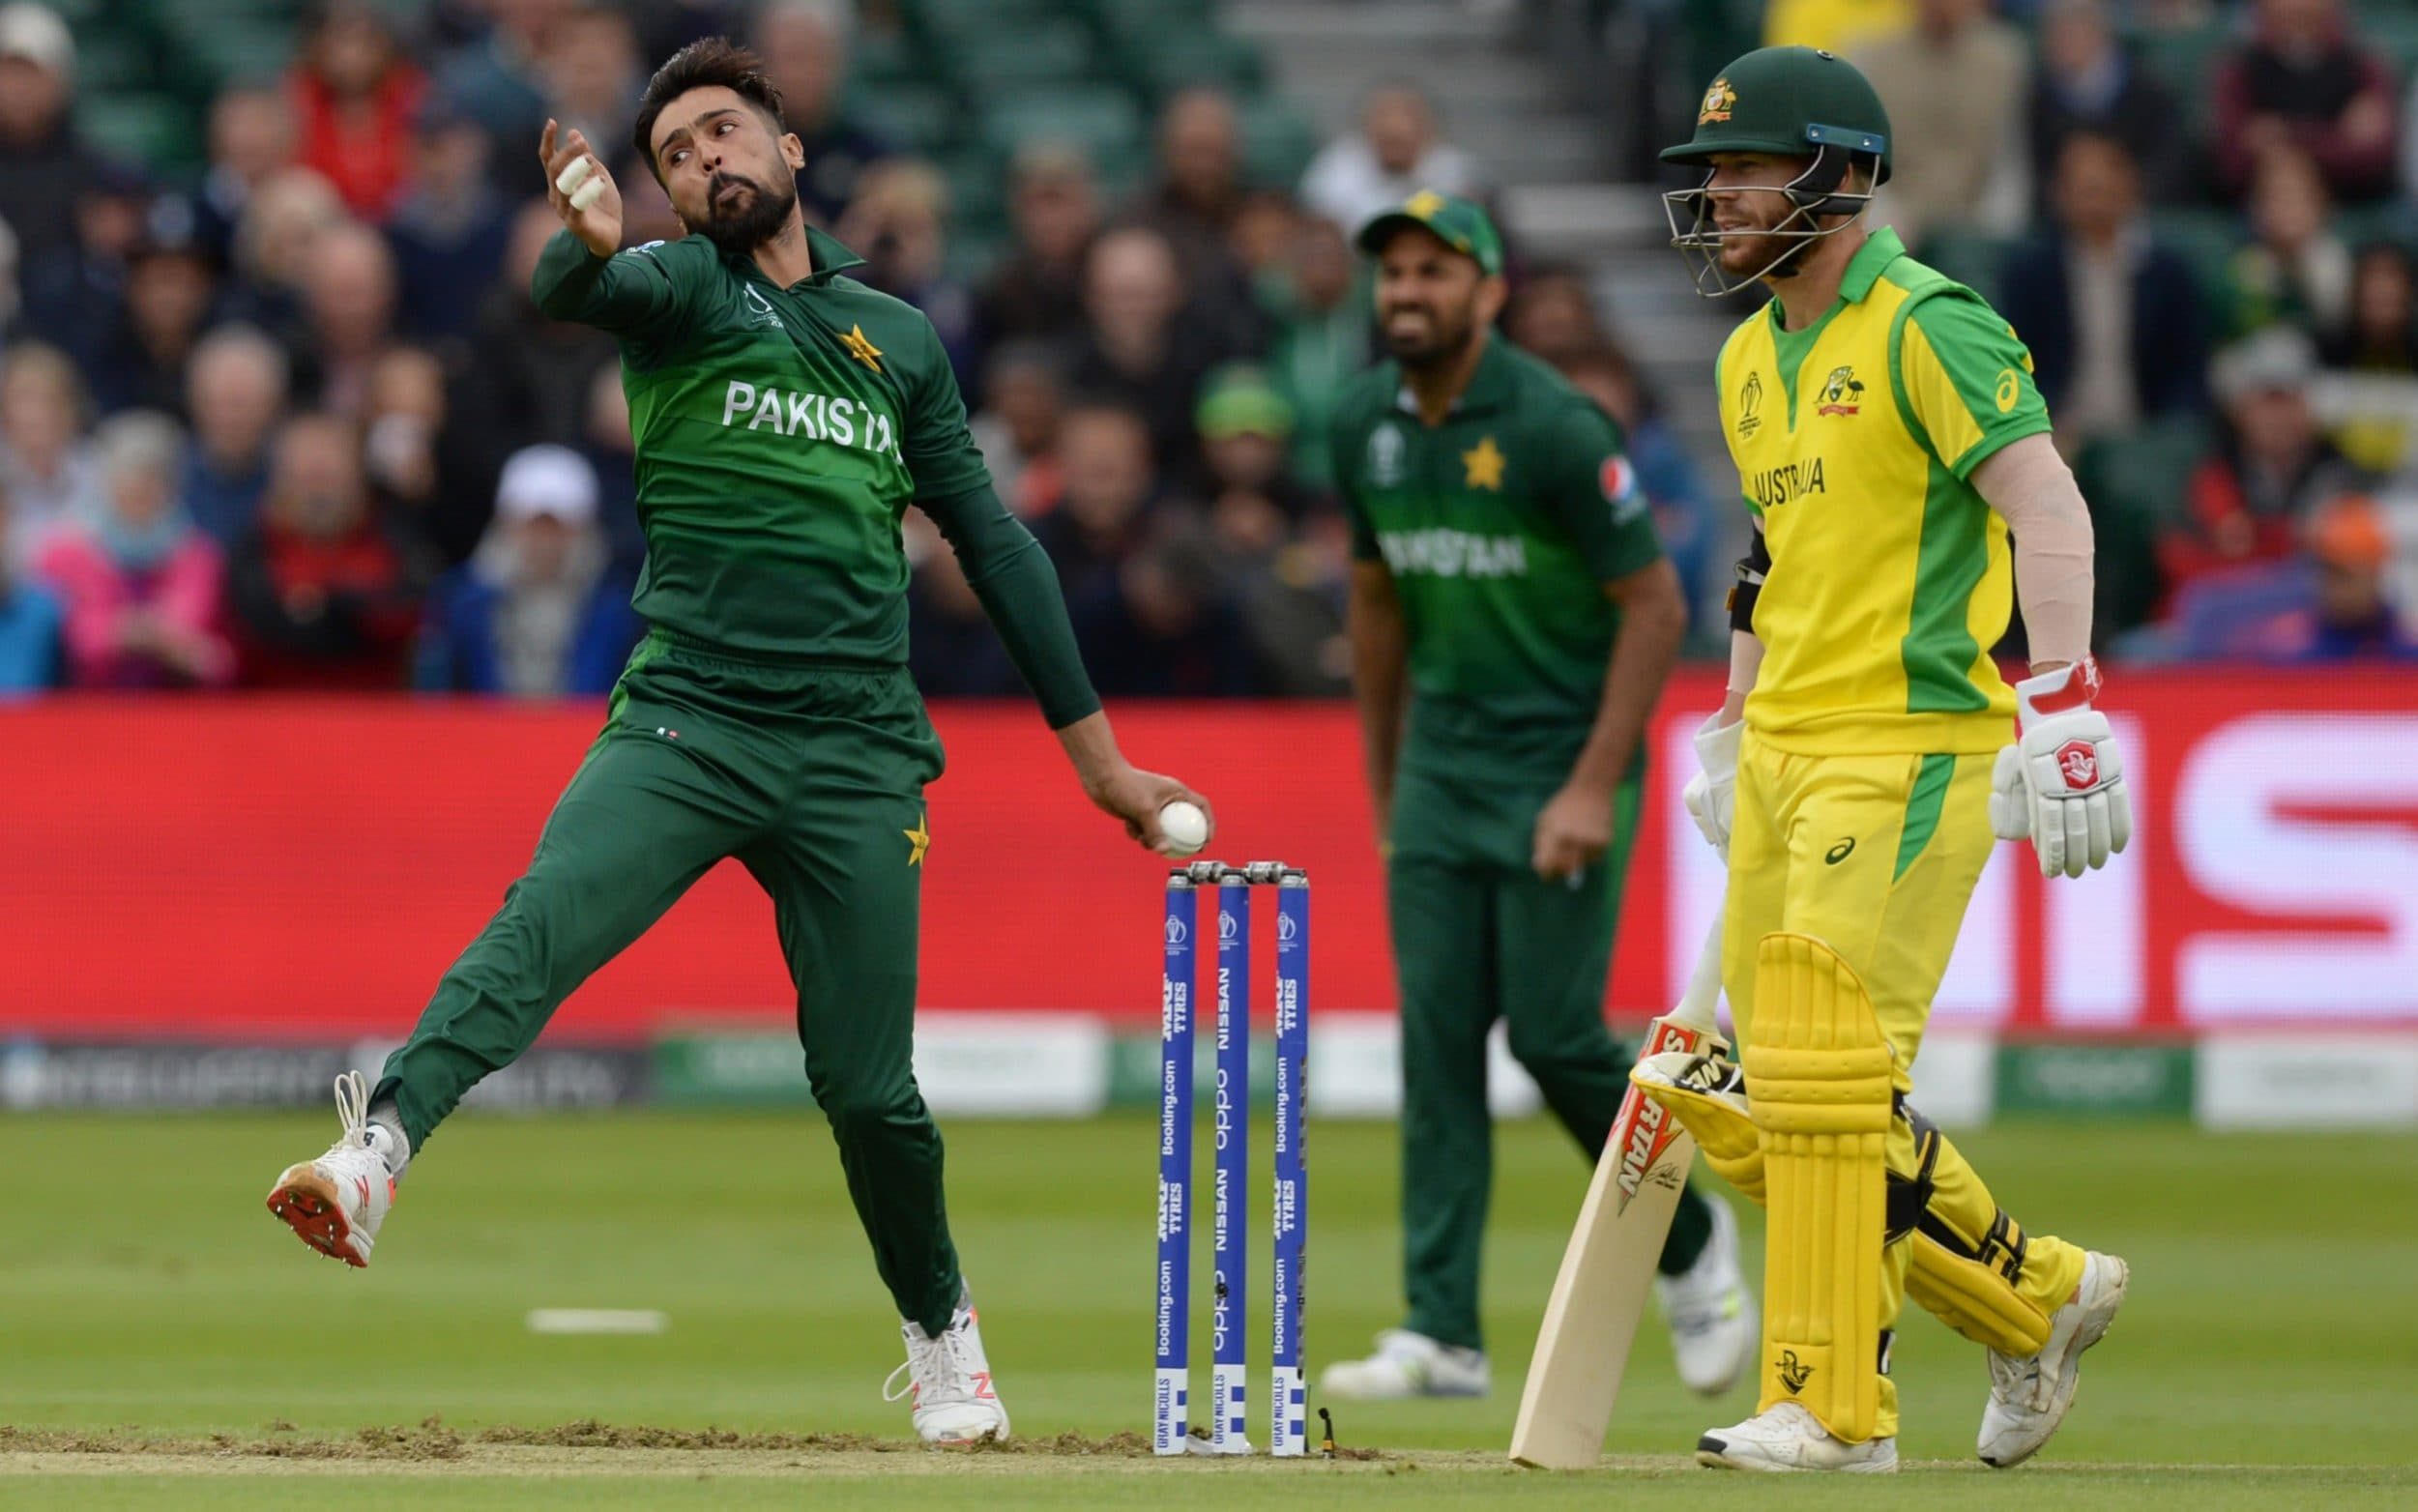 अष्ट्रेलिया ४९ ओभरमा ३०७ रनमा अलआउट, पाकिस्तानका आमिर एक्लैले लिए ५ विकेट